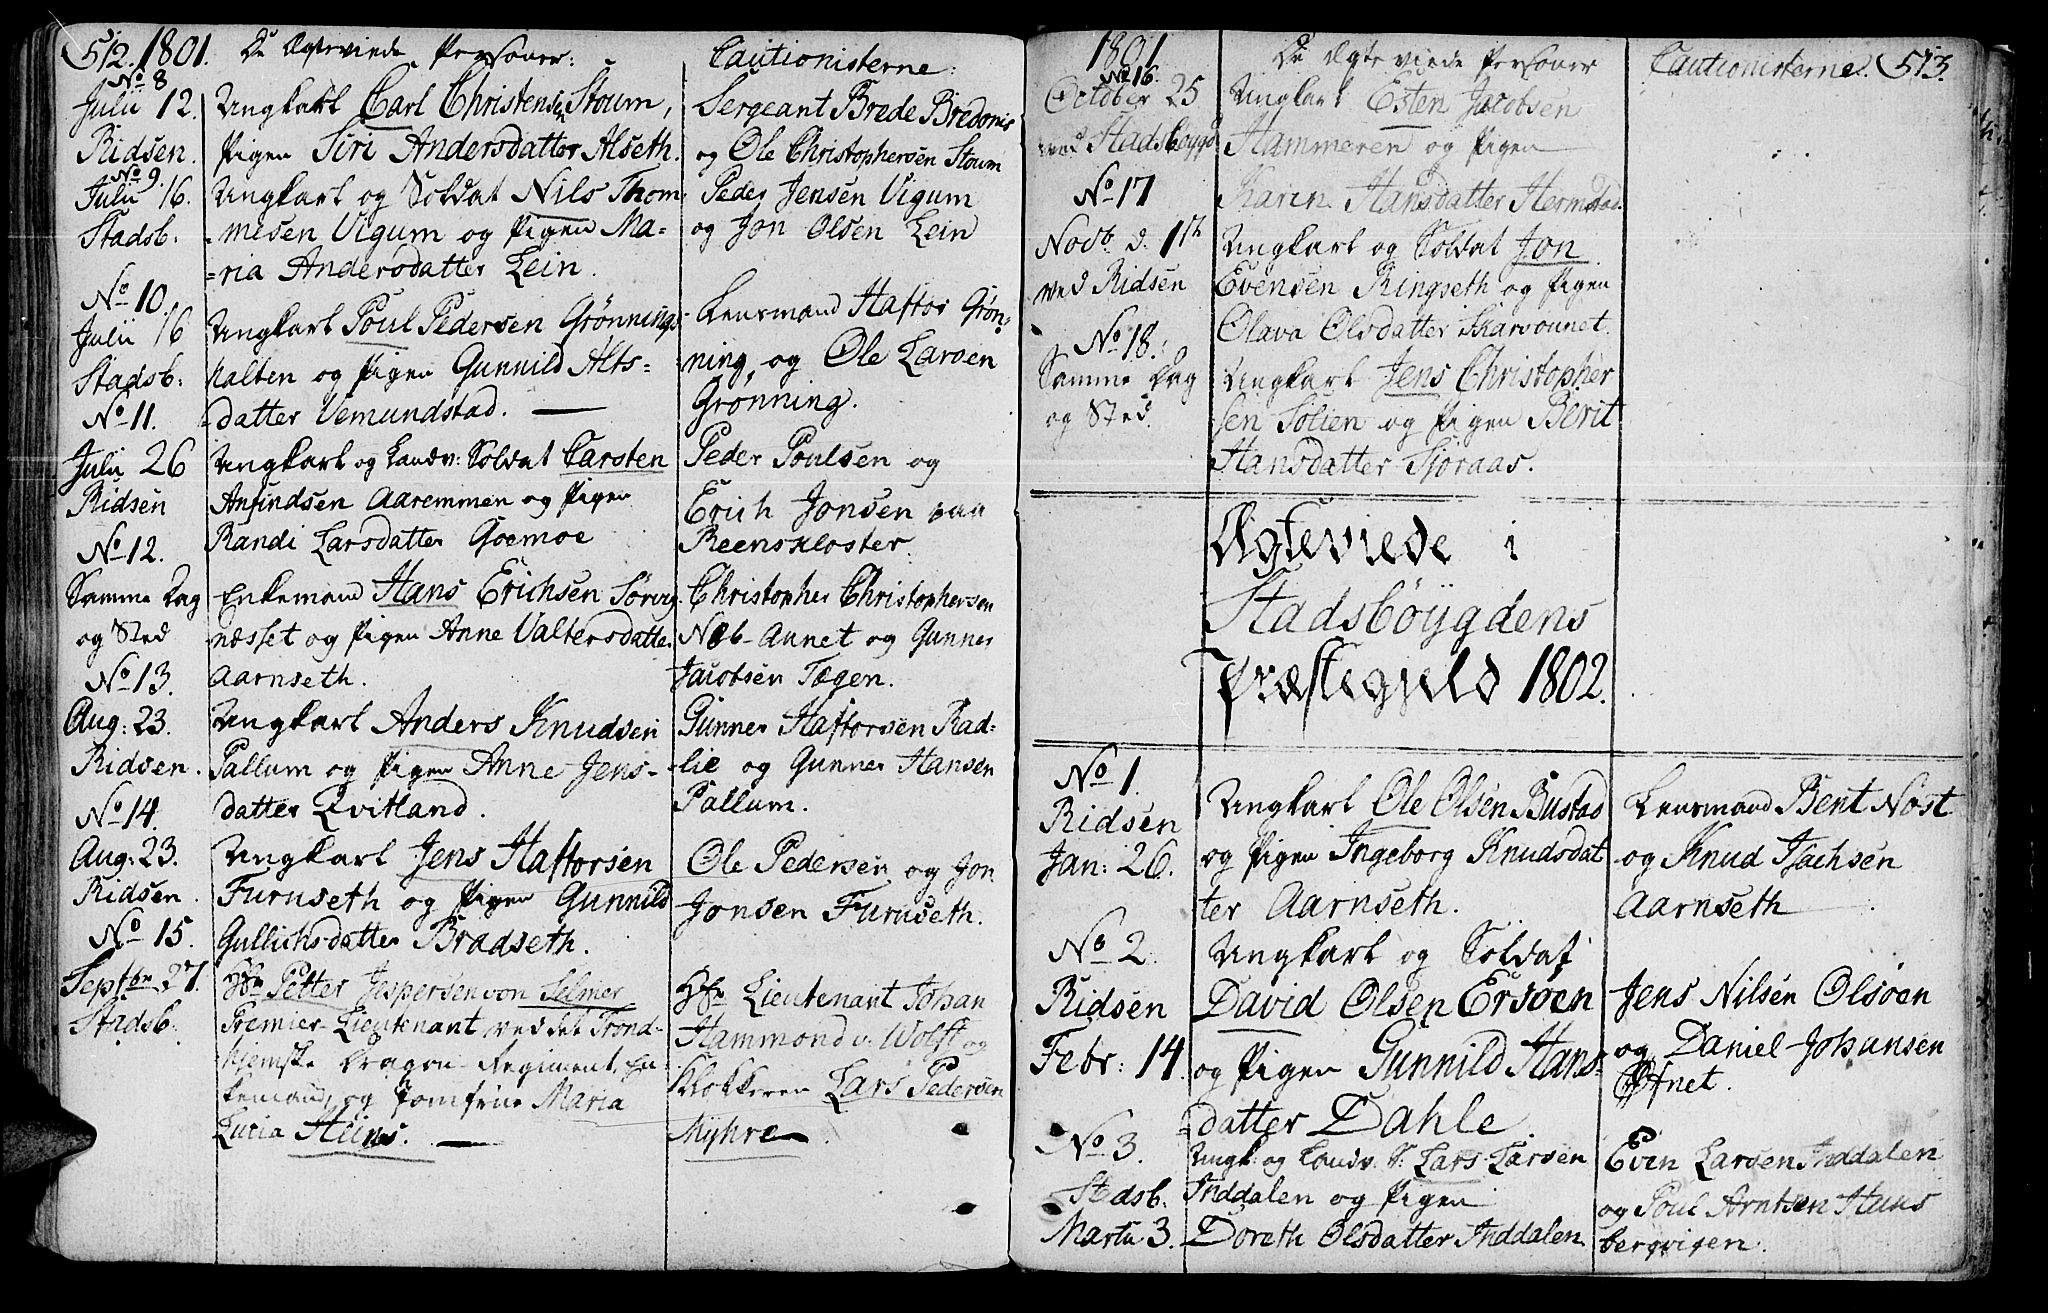 SAT, Ministerialprotokoller, klokkerbøker og fødselsregistre - Sør-Trøndelag, 646/L0606: Ministerialbok nr. 646A04, 1791-1805, s. 512-513